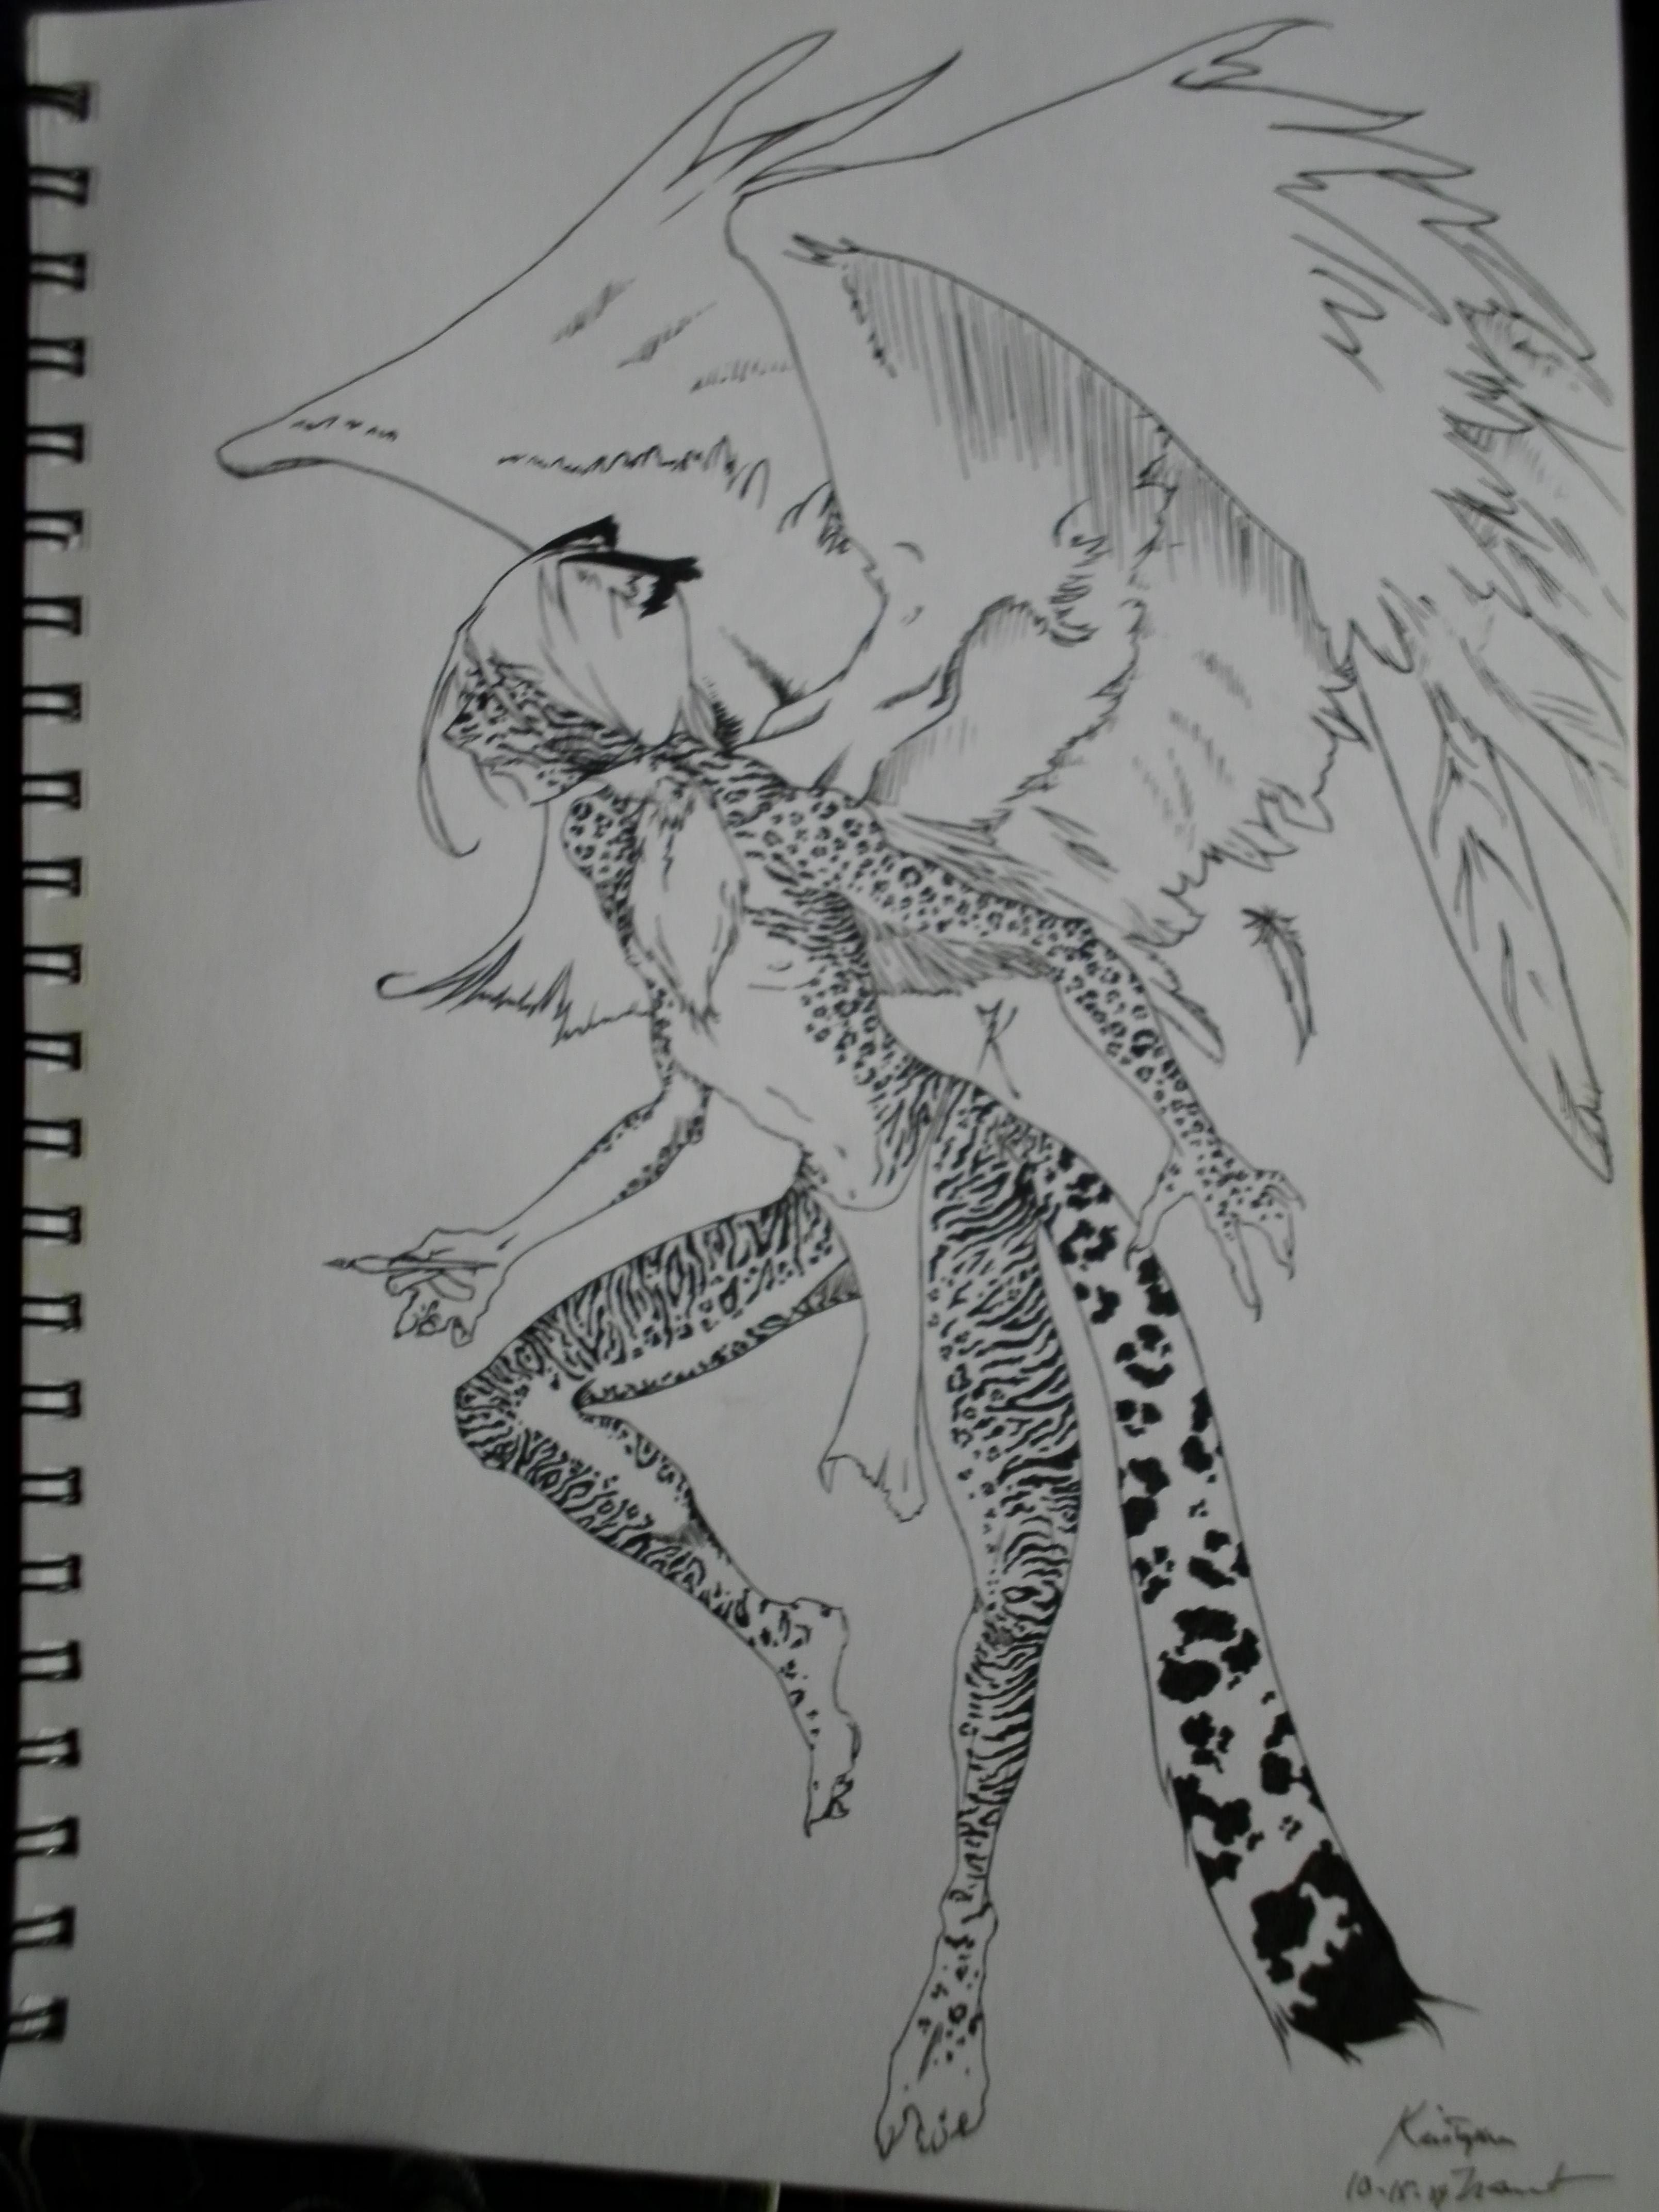 Drawn snow leopard furry I say draw I'm Fursona: